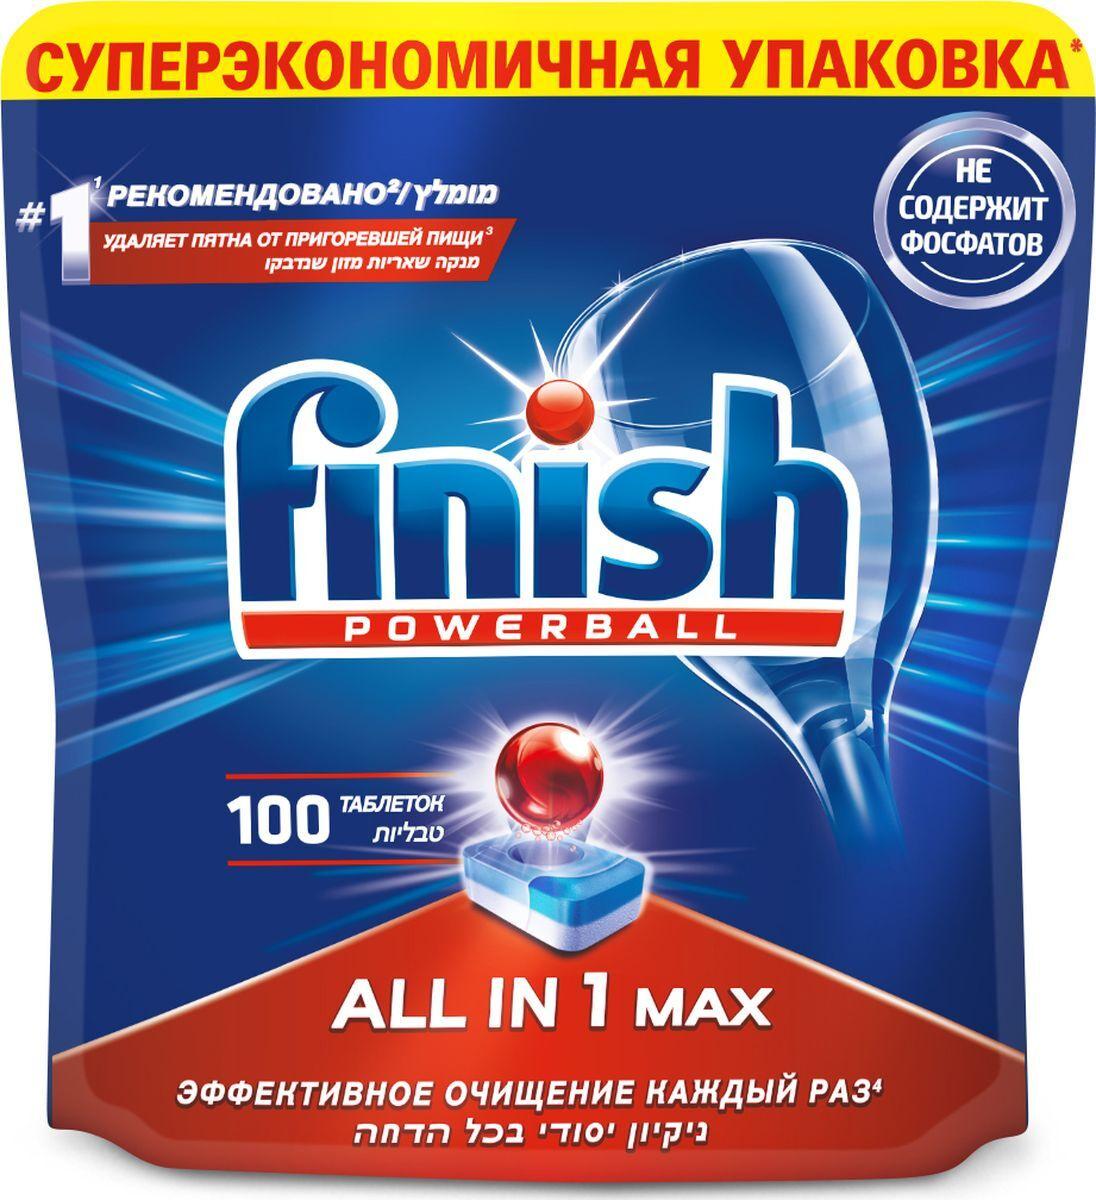 Таблетки для посудомоечной машины Finish AllinOne бесфосфатные, 100 таблеток  #1